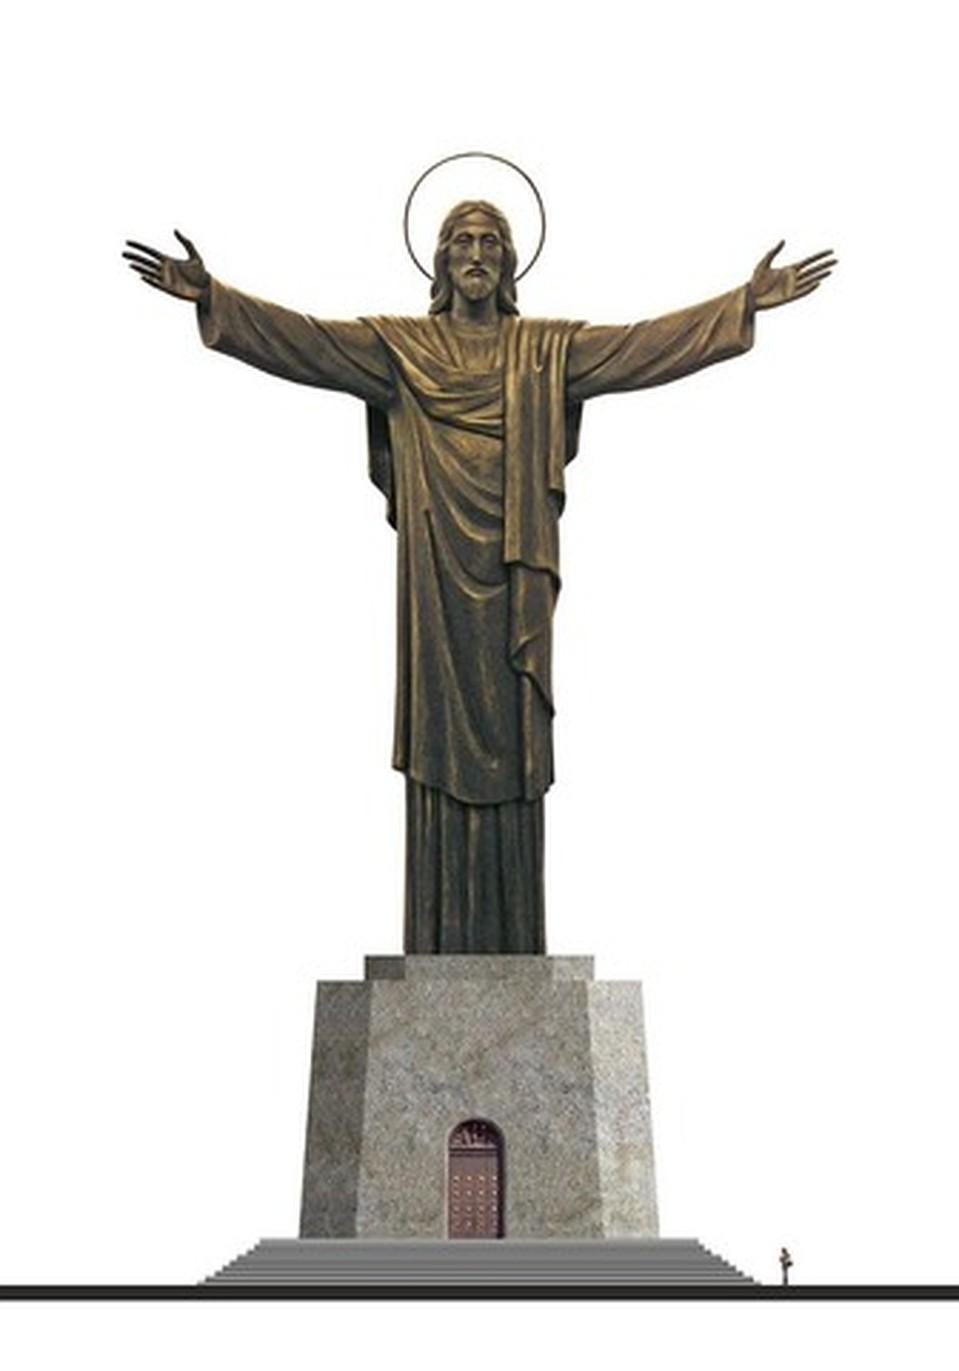 пушной зверек статуя христа церетели фото раздельное скрепление, рельс